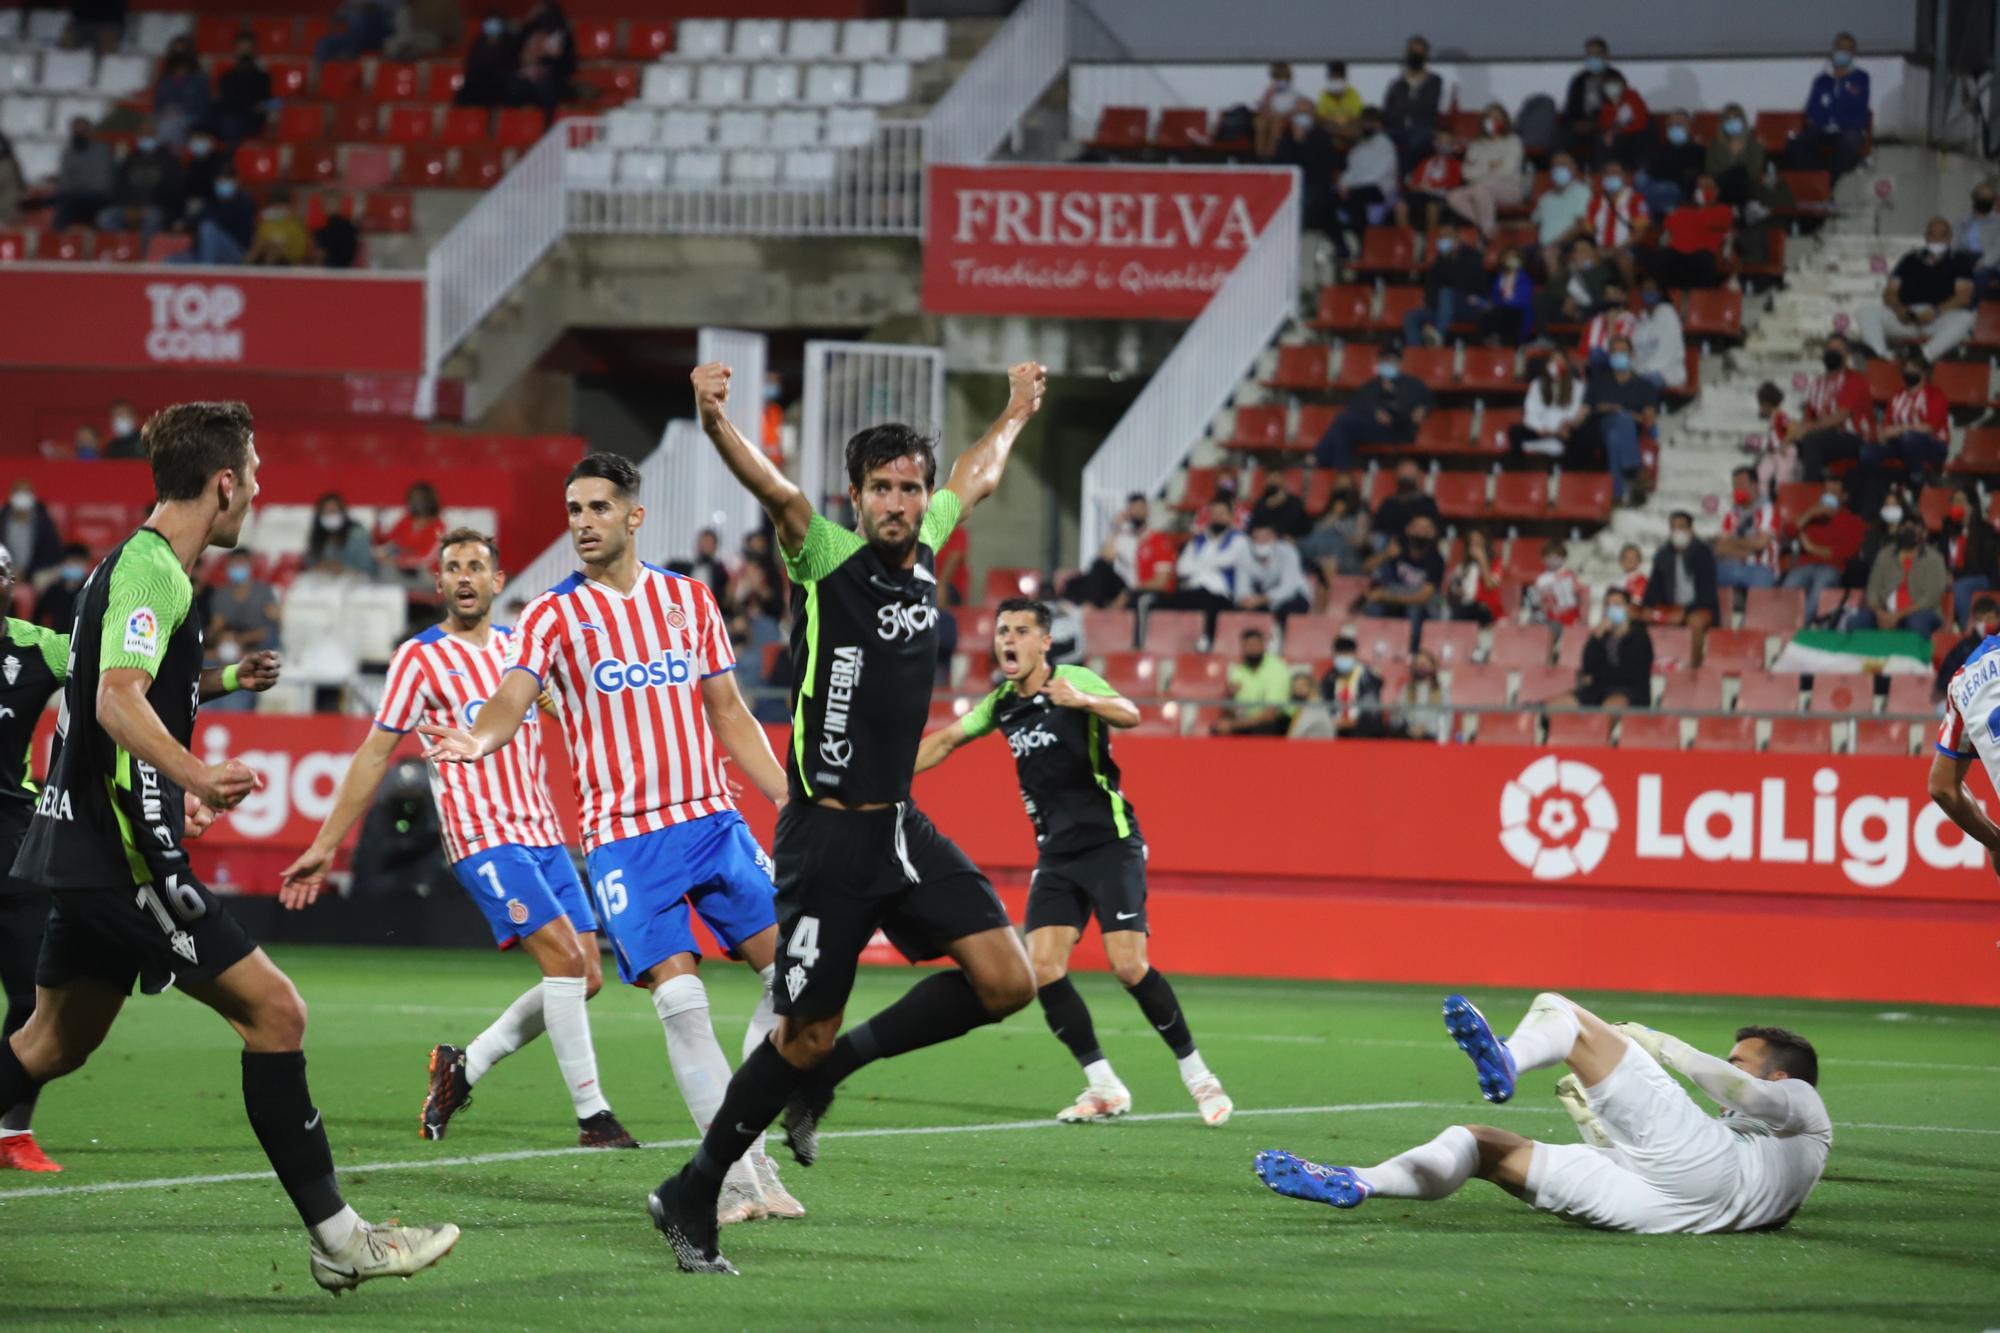 Las imágenes del partido entre el Girona y el Sporting (1-2)